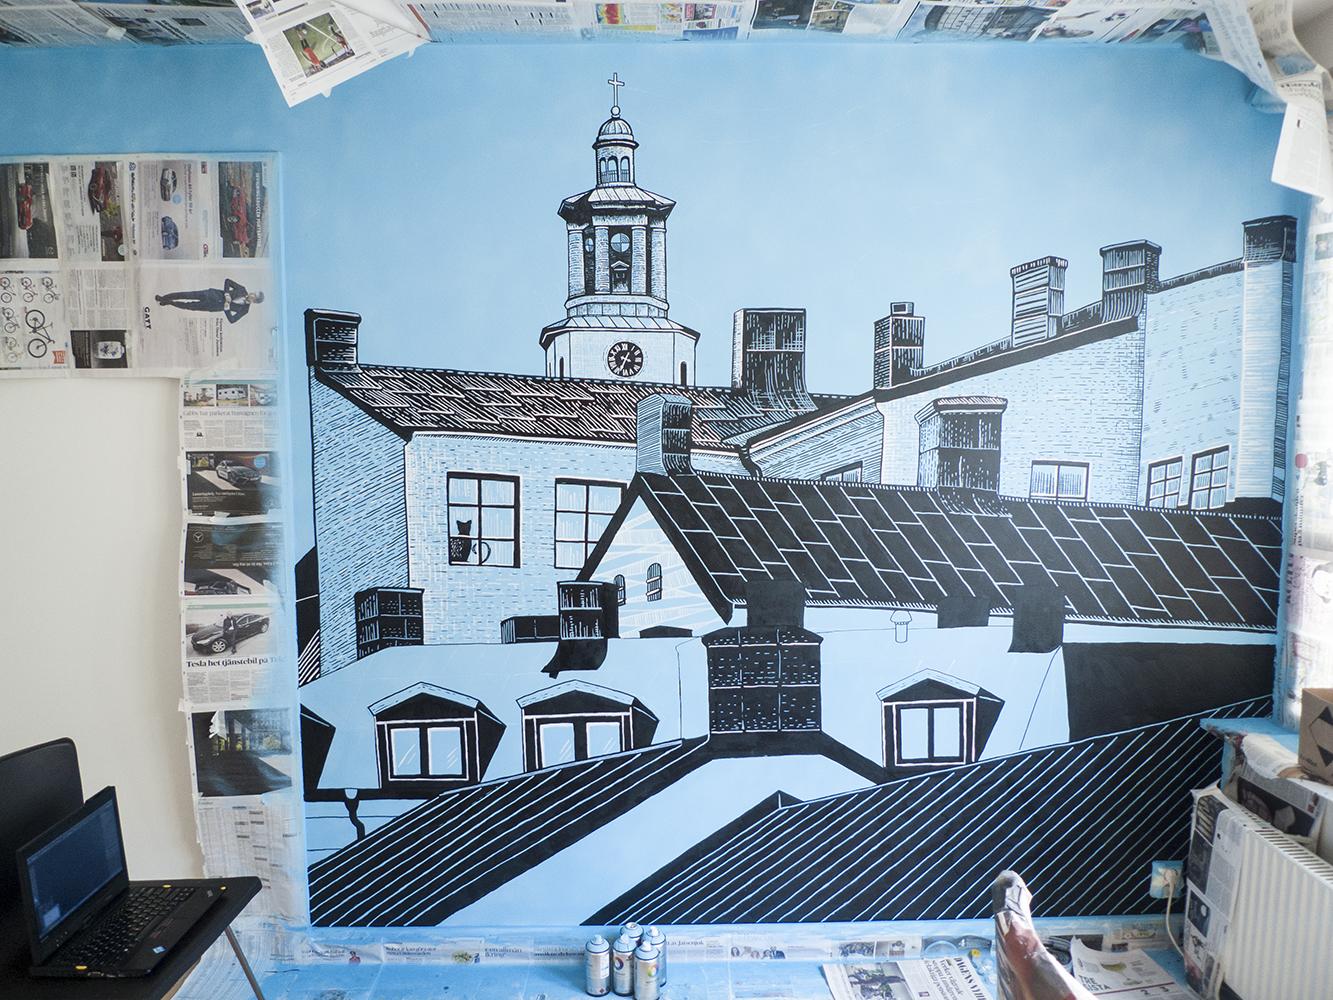 st-maria-magdalena-kyrka-väggmålning-mural-process-f-1000.jpg